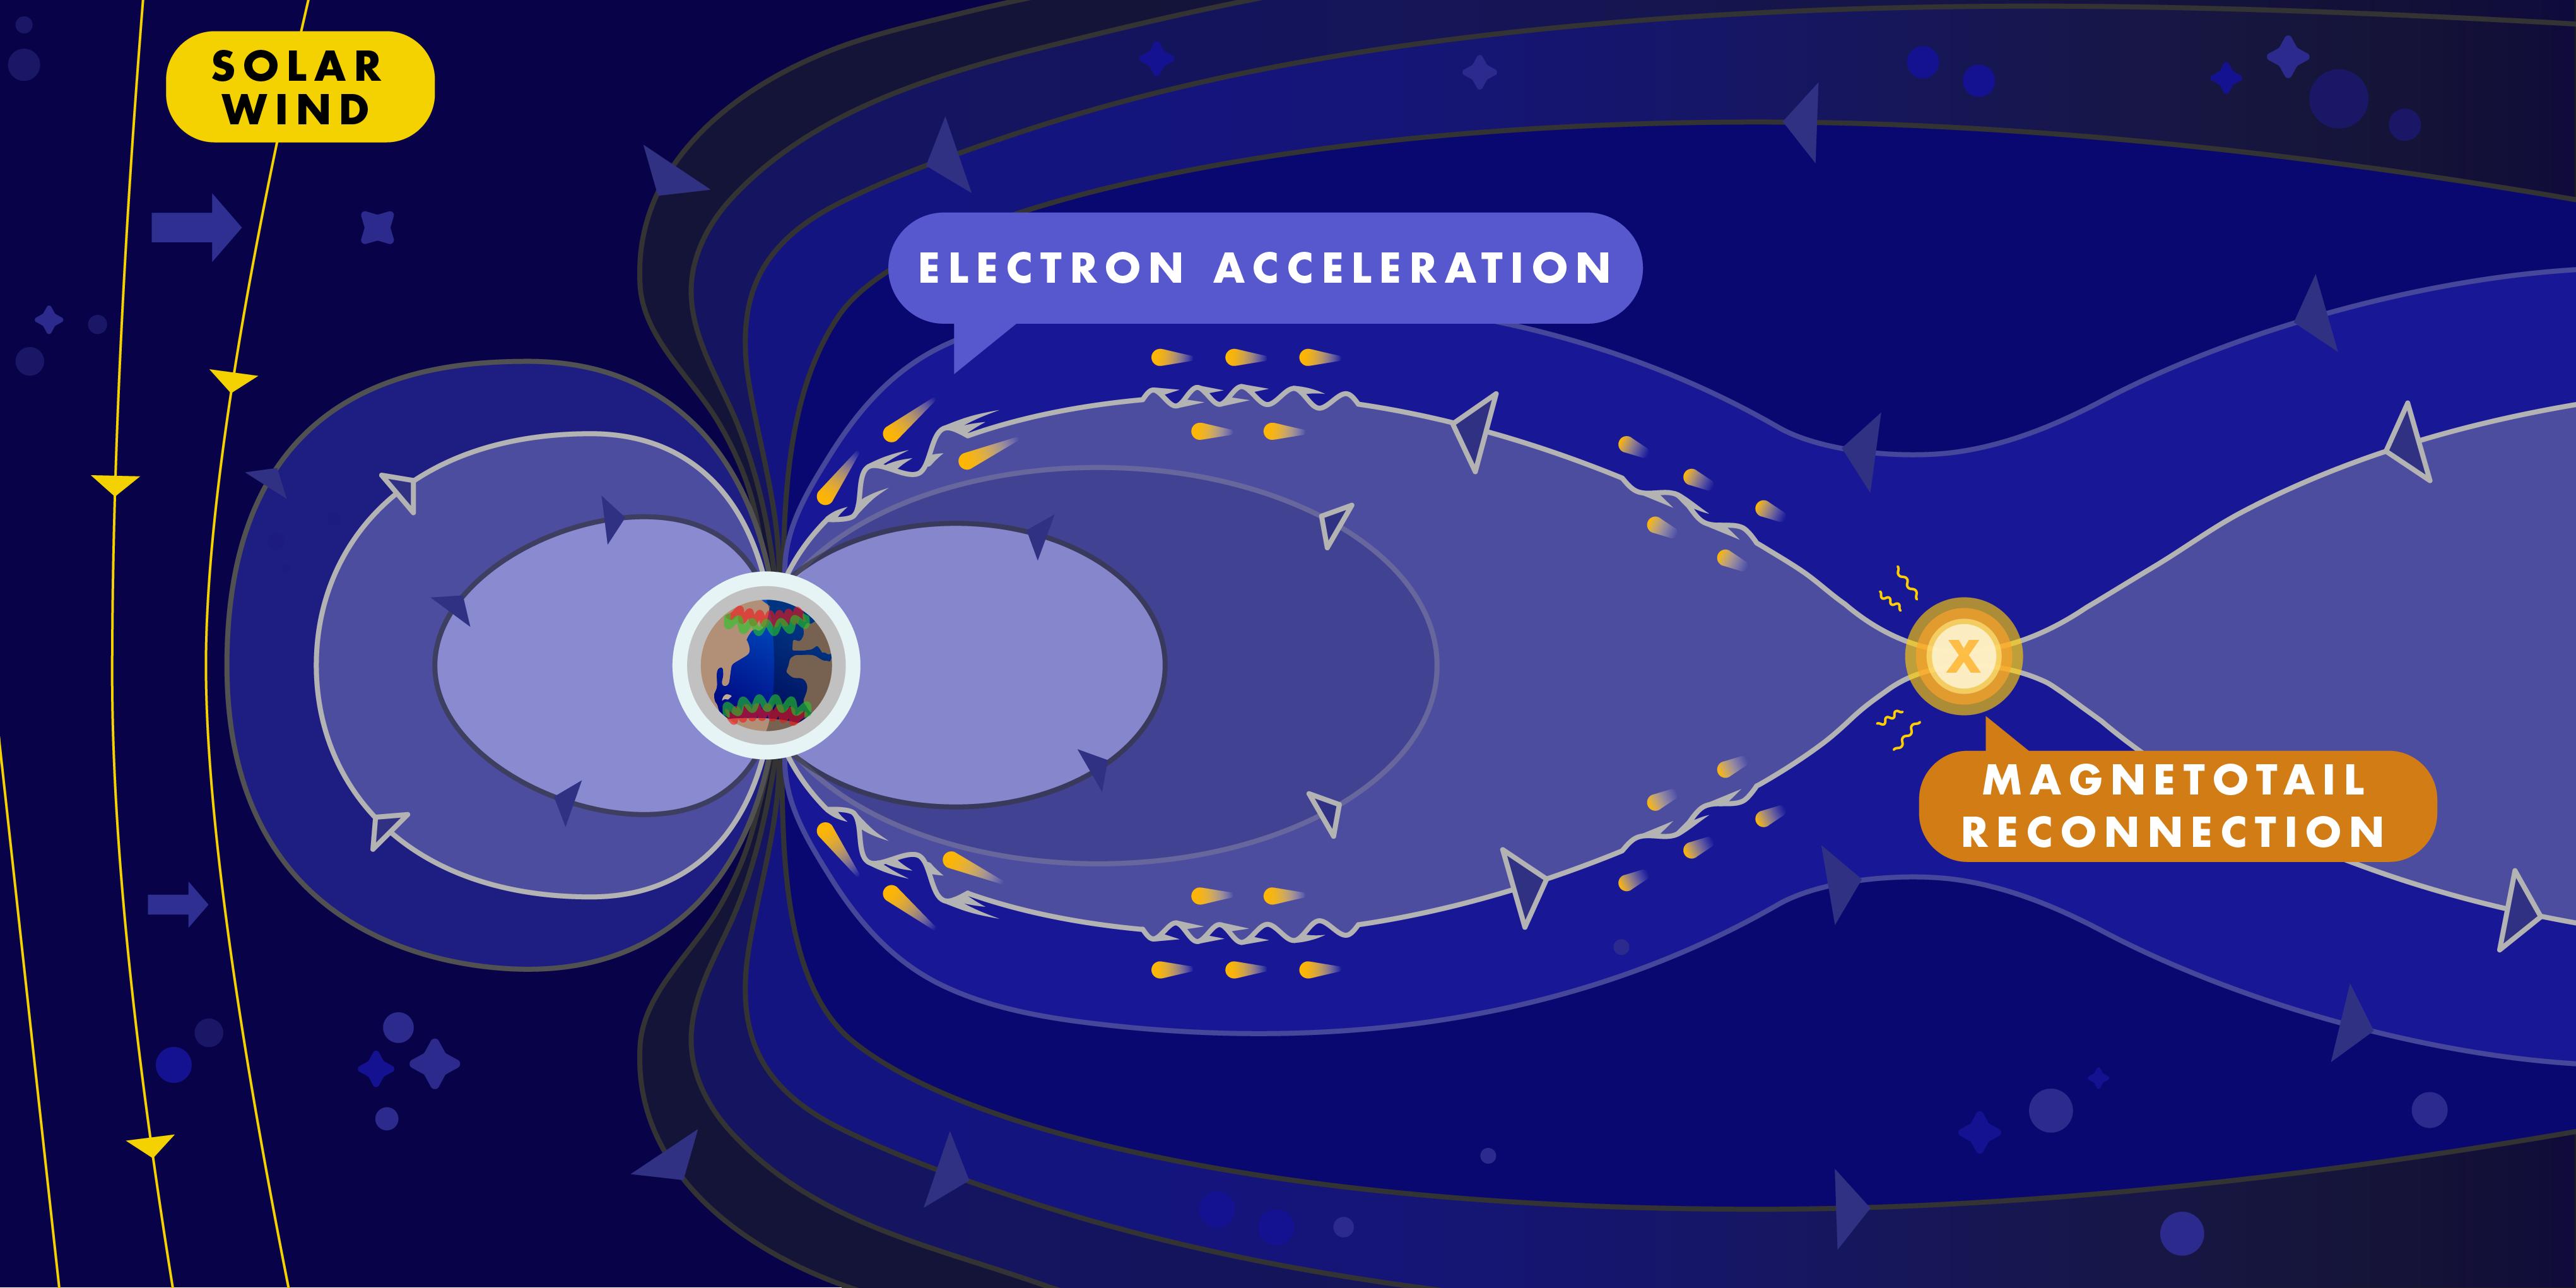 Fizičari sa Sveučilišta u Iowi izvještavaju o konačnim dokazima za razumjevanje nastanka fenomena aurore borealis. U eksperimentima su fizičari pokazali mehanizme za ubrzanje elektrona bazirane na Alfvenovim valovima u uvjetima koji odgovaraju Zemljinoj magnetosferi. Izvor: uiowa.edu